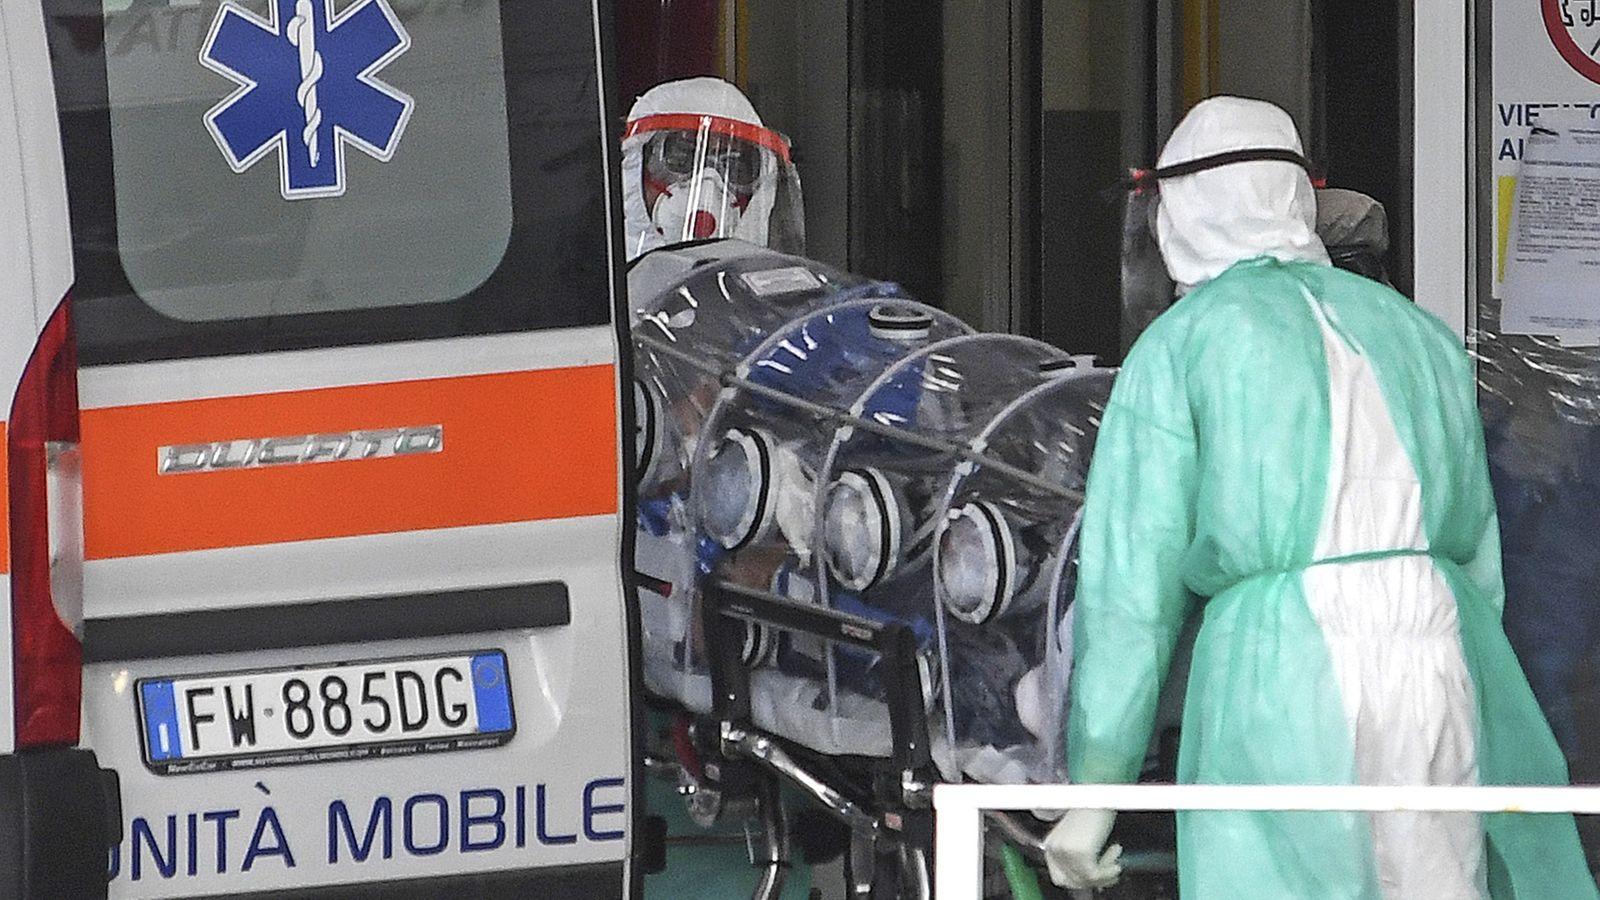 Điều đặc biệt khiến một bệnh viện Italia không có bác sĩ nào nhiễm Covid-19 - 1